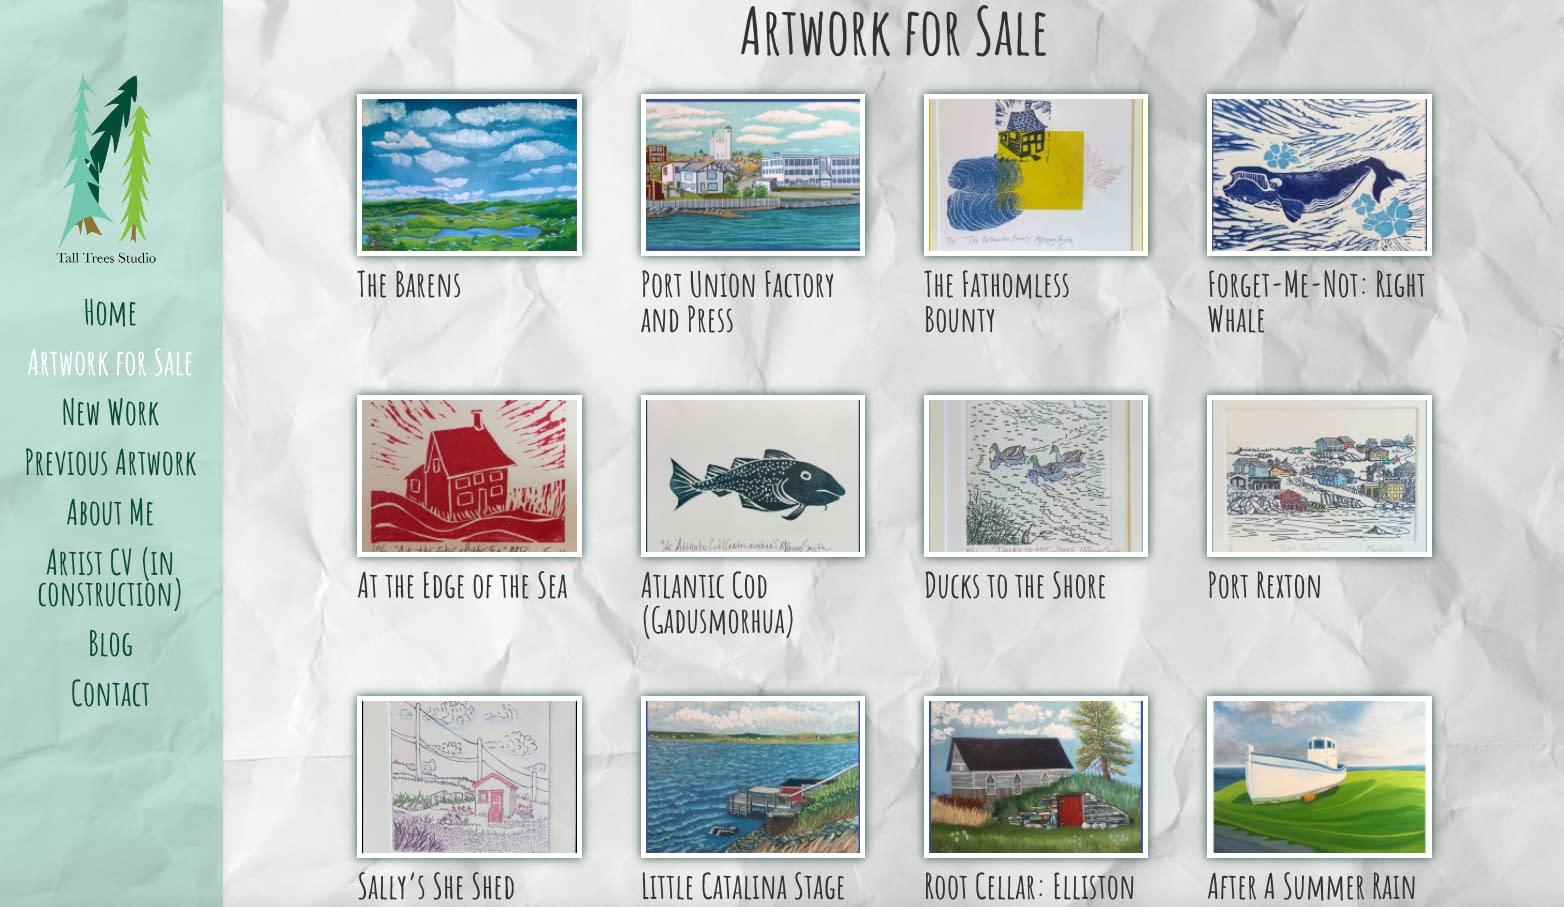 TT Artwork For Sale